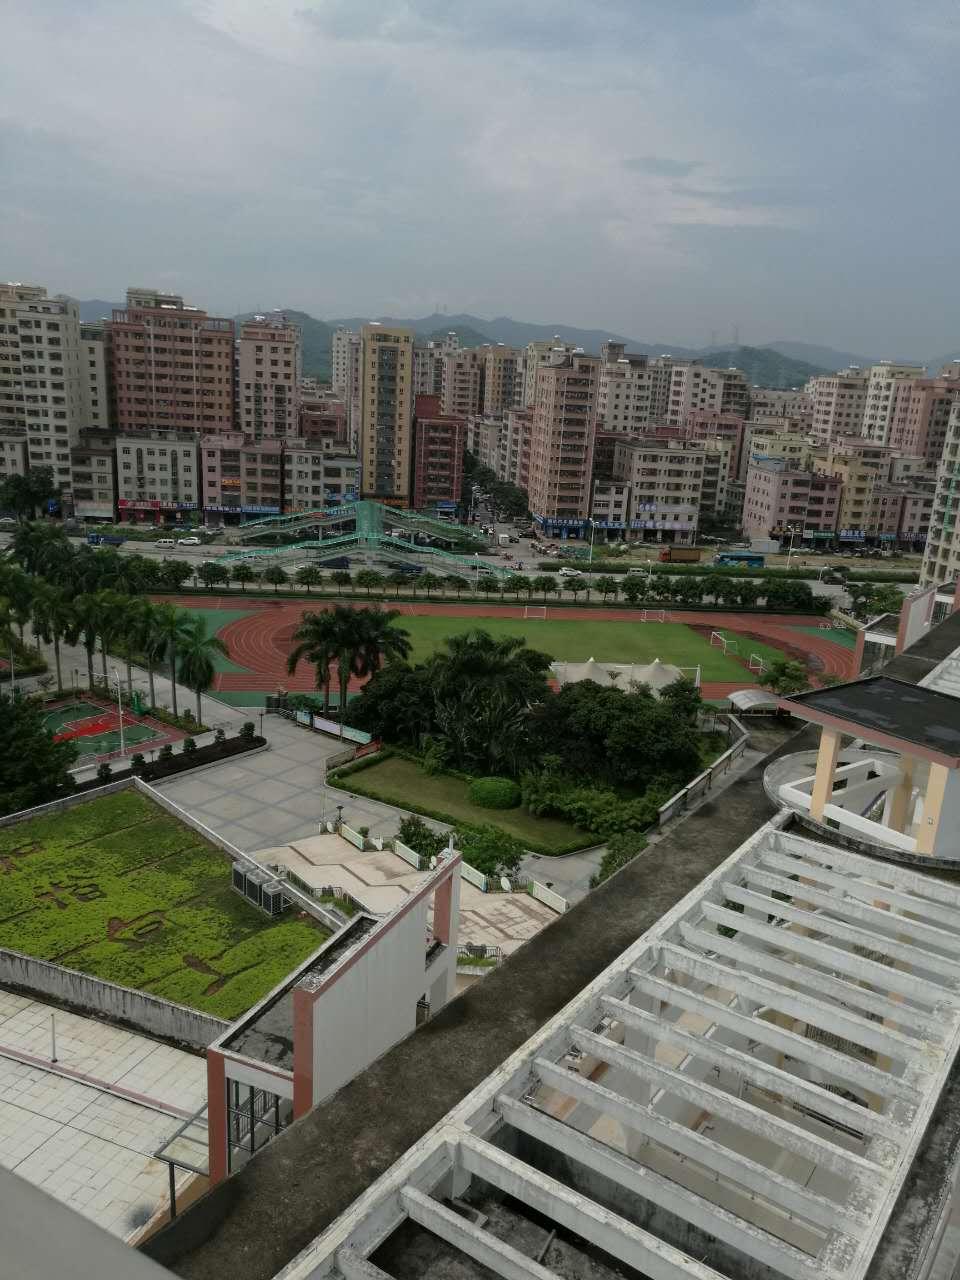 深圳公明楼村小产权房新开盘对外发售,3600元/㎡起 房价 新闻 跳蚤市场 二房二厅 第6张